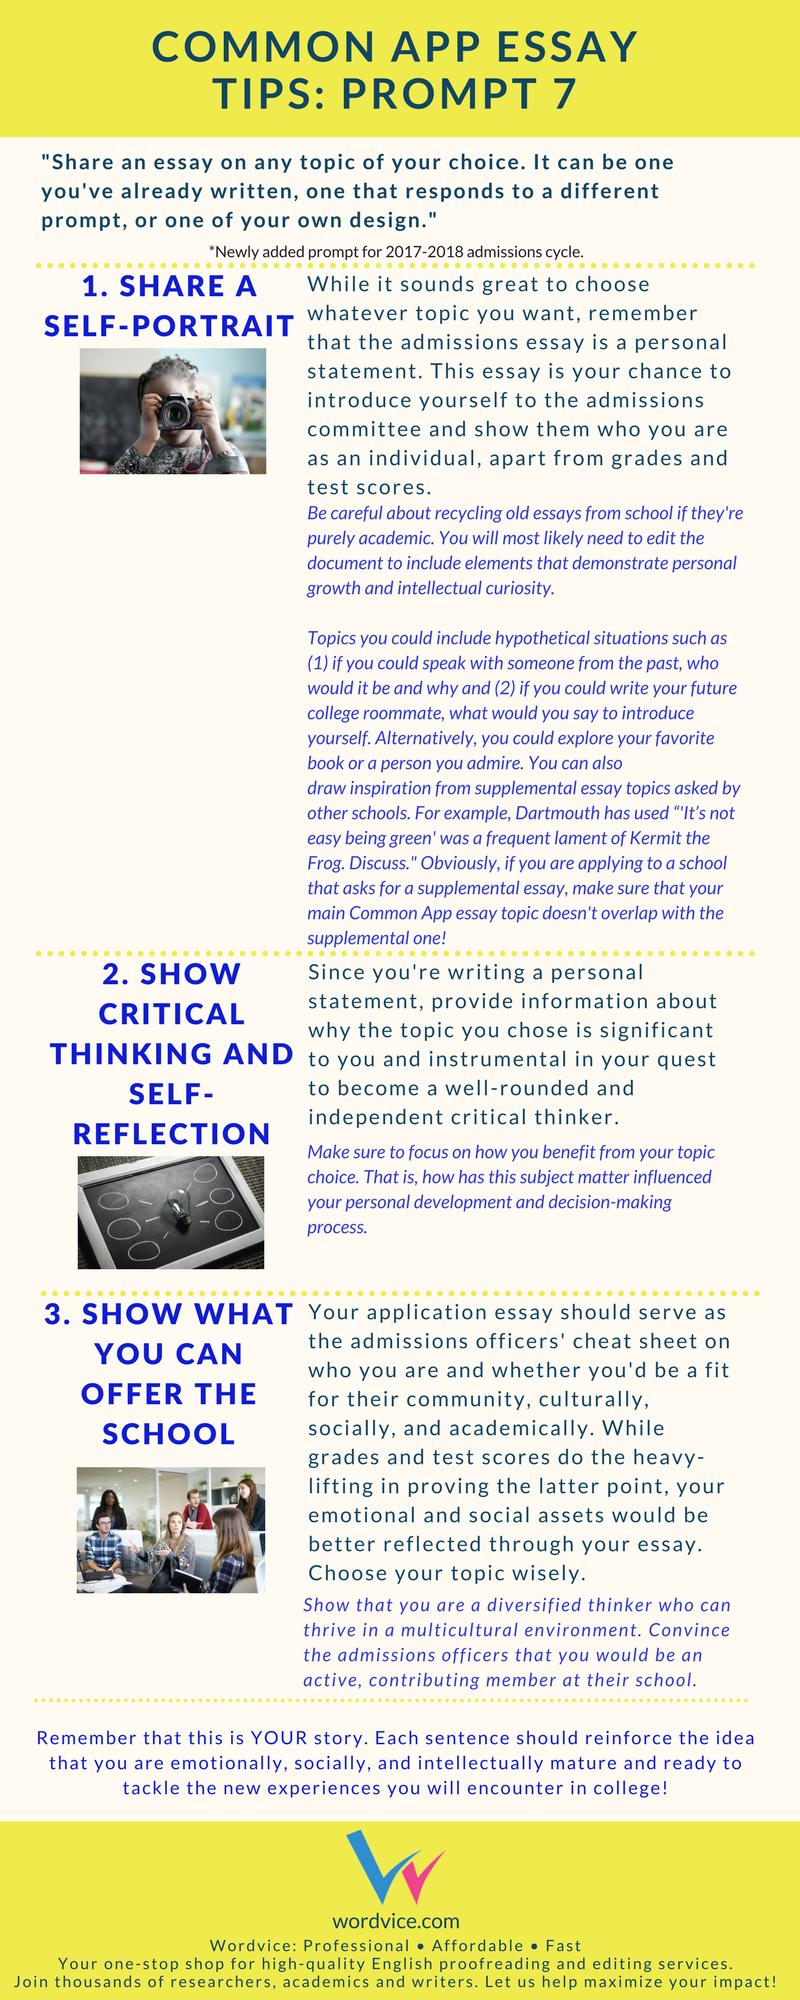 008 Common App Brainstormprompt Essay Example Unusual Prompt Examples 6 1 Sample Full